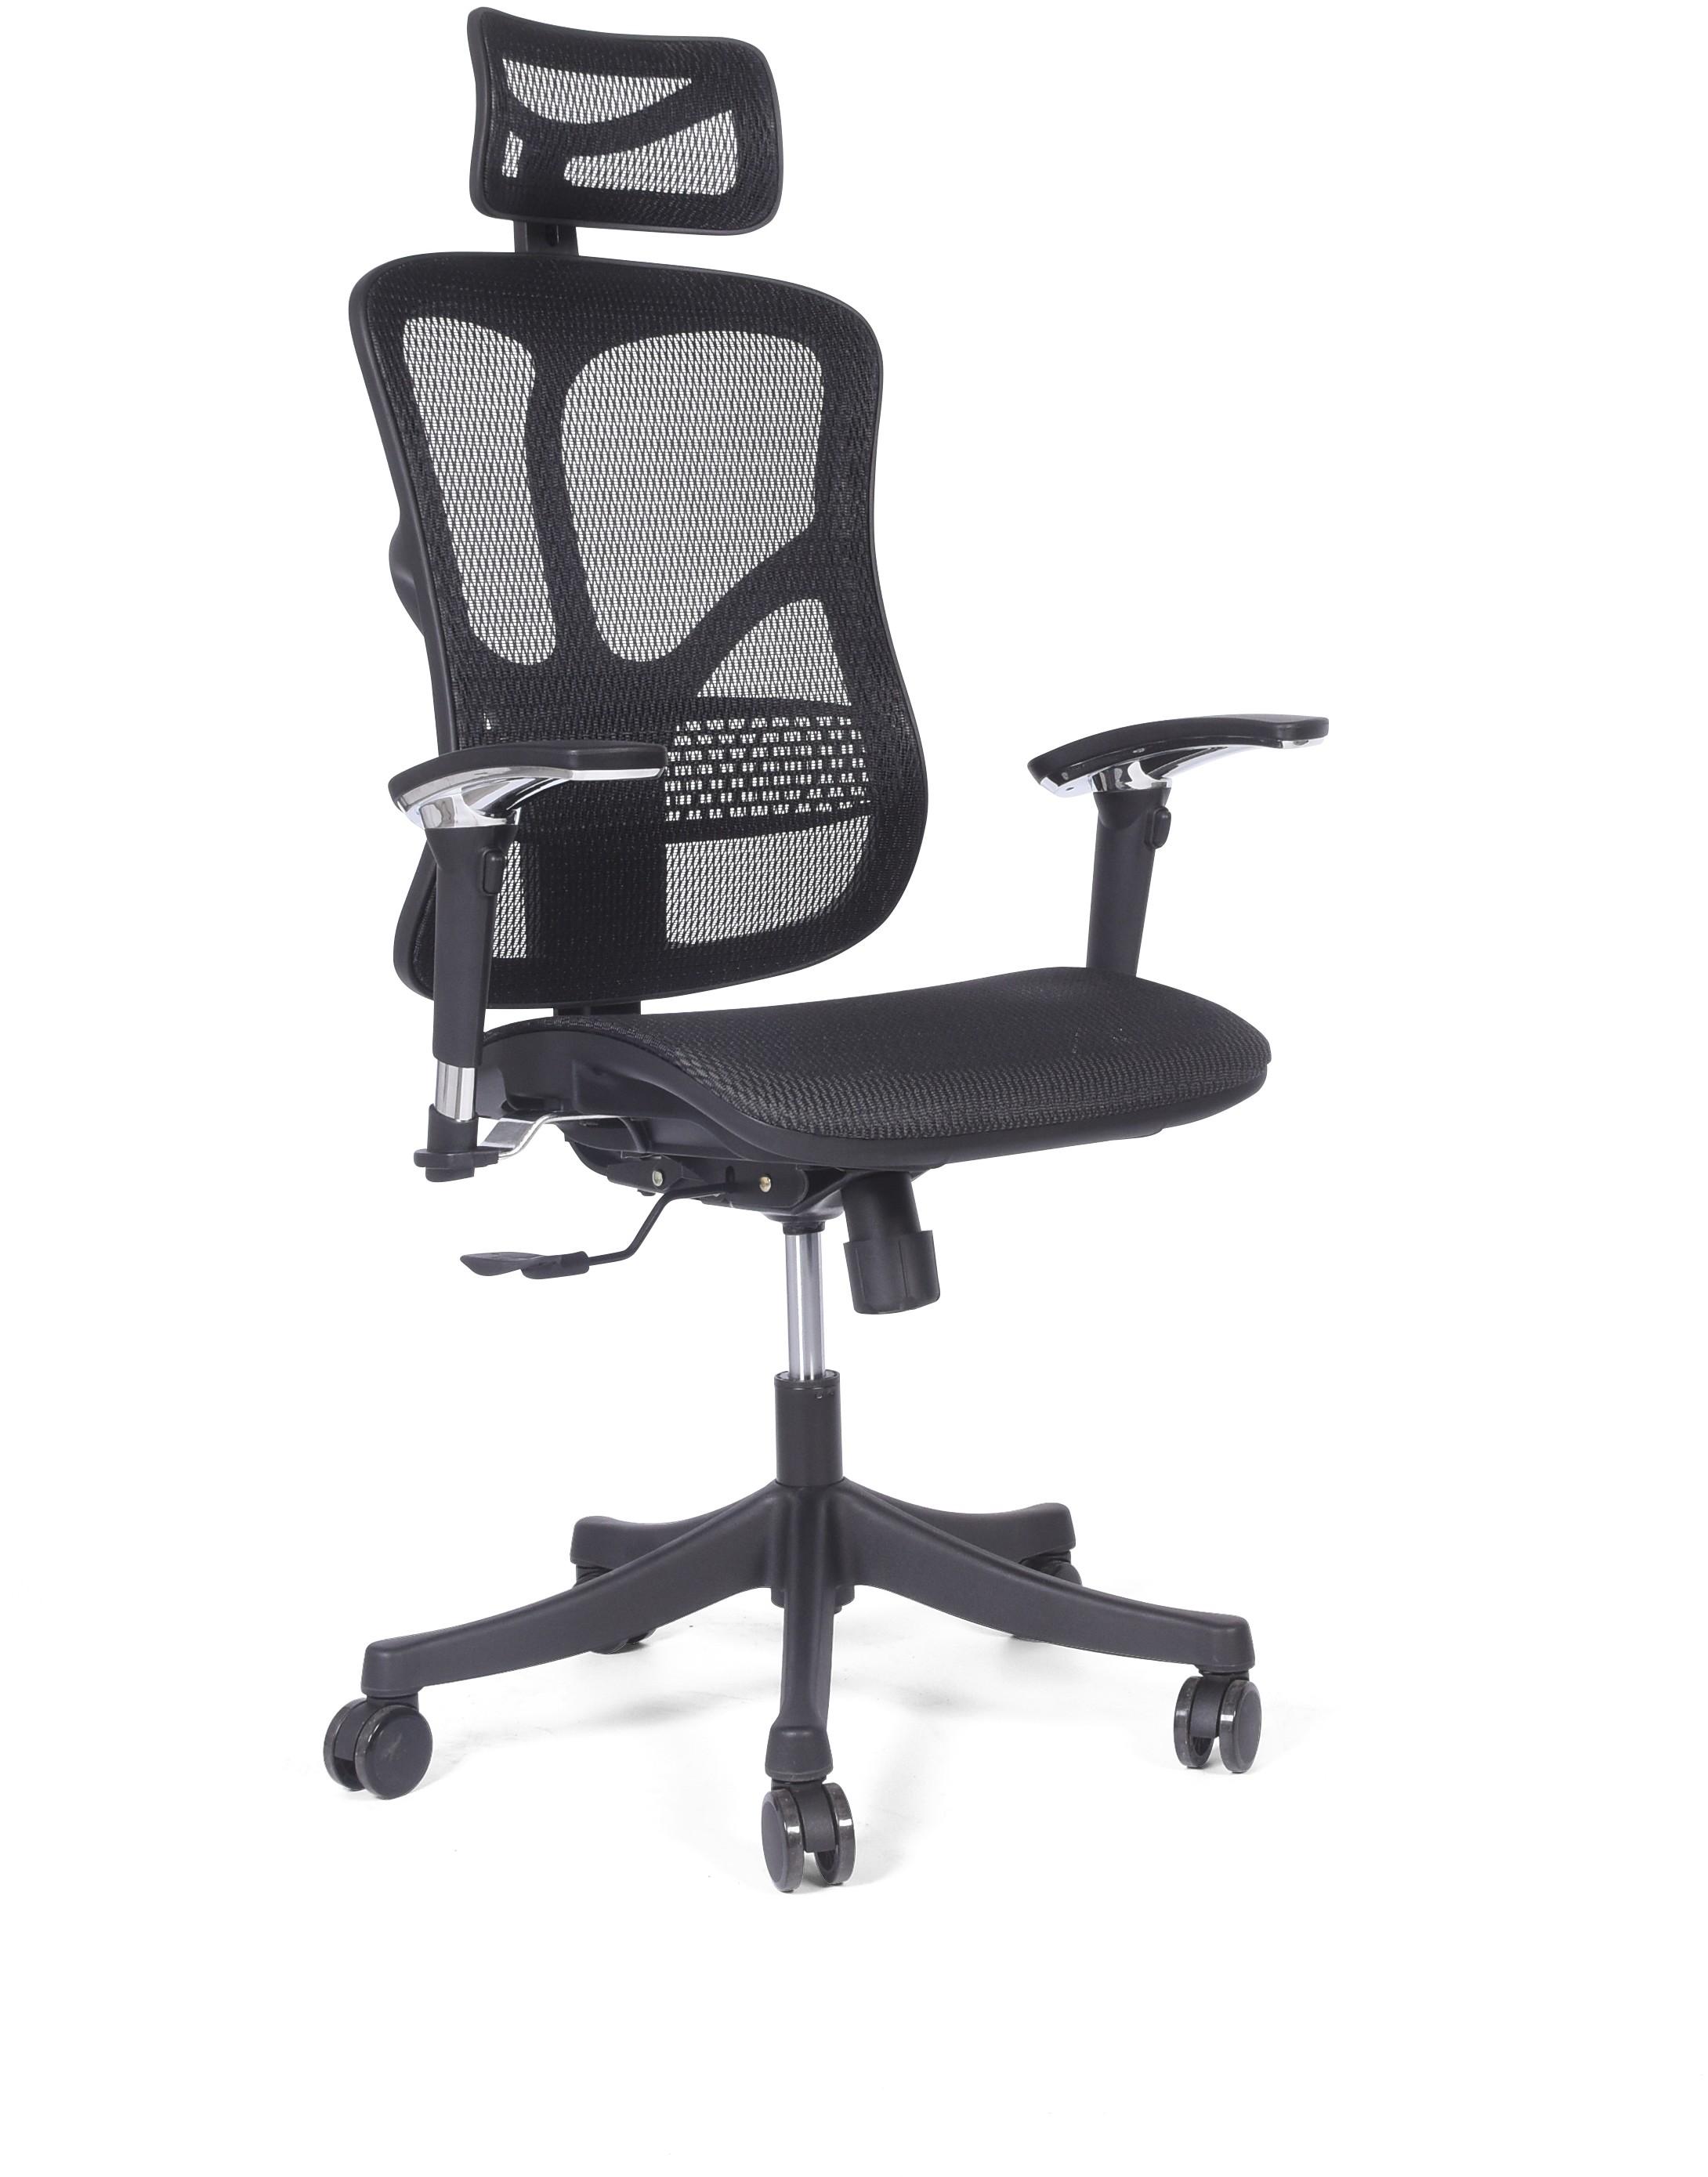 Bemondi Ergonomiczny fotel biurowy ERGO 500 JNS-521 W12